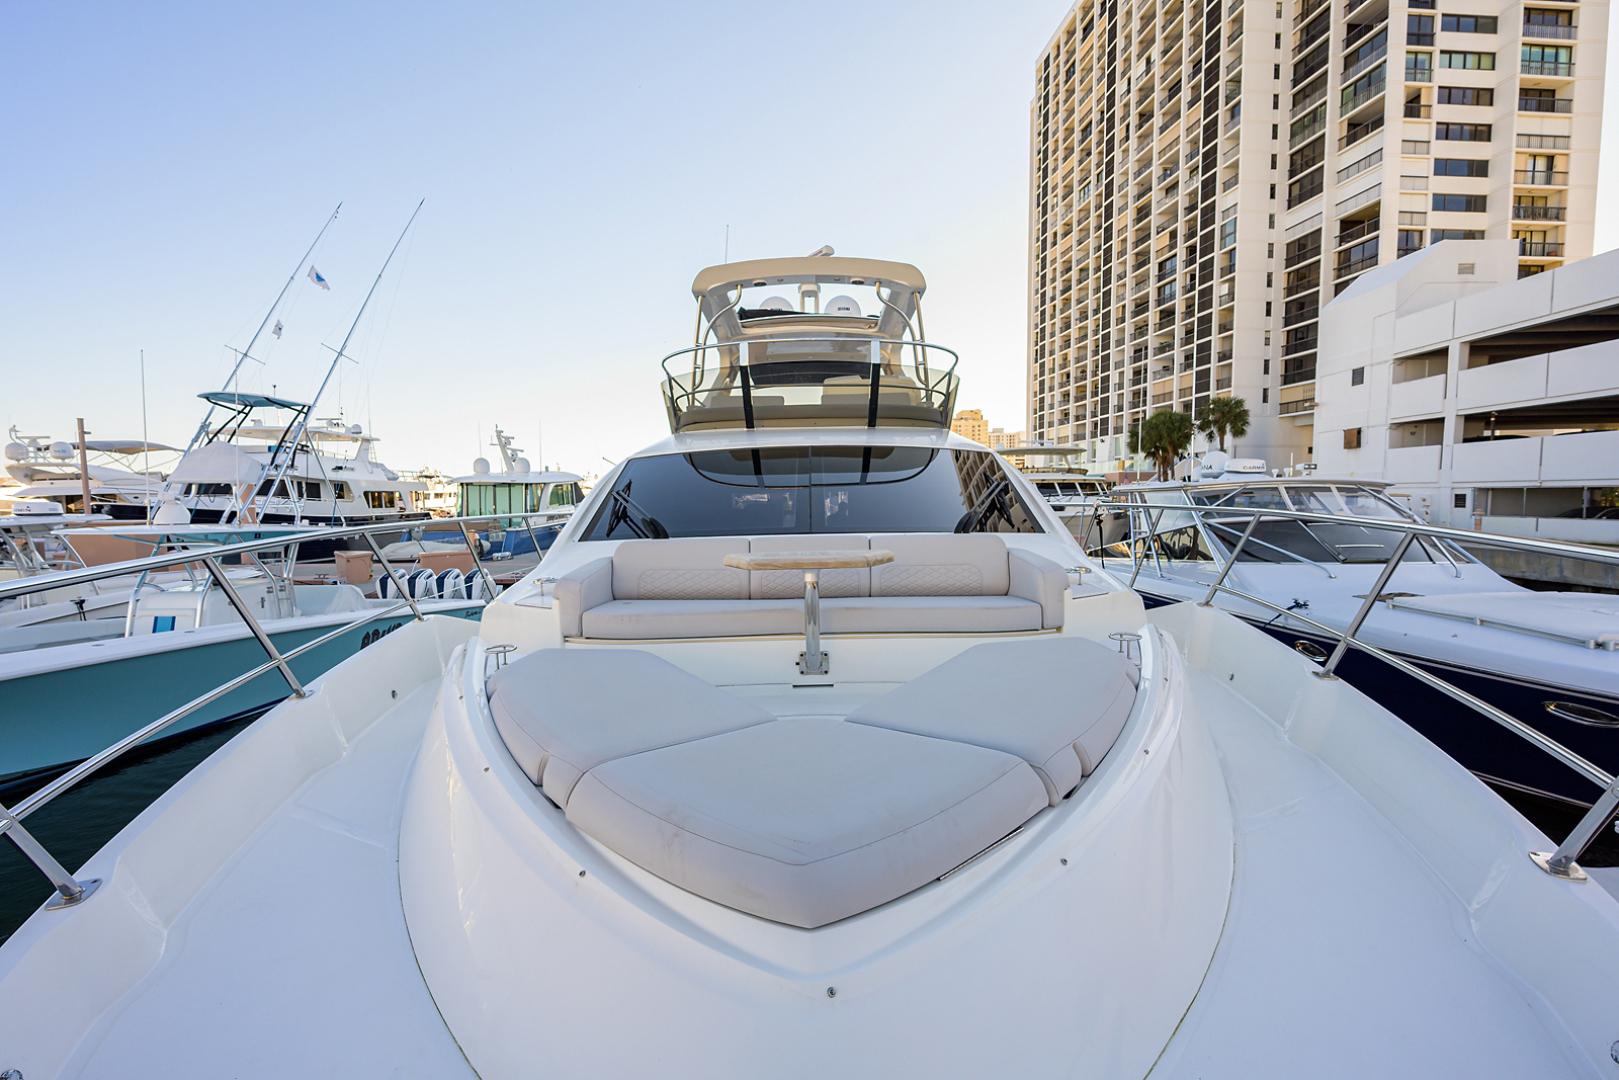 Sea Ray 2017 -Jupiter-Florida-United States-1596649 | Thumbnail